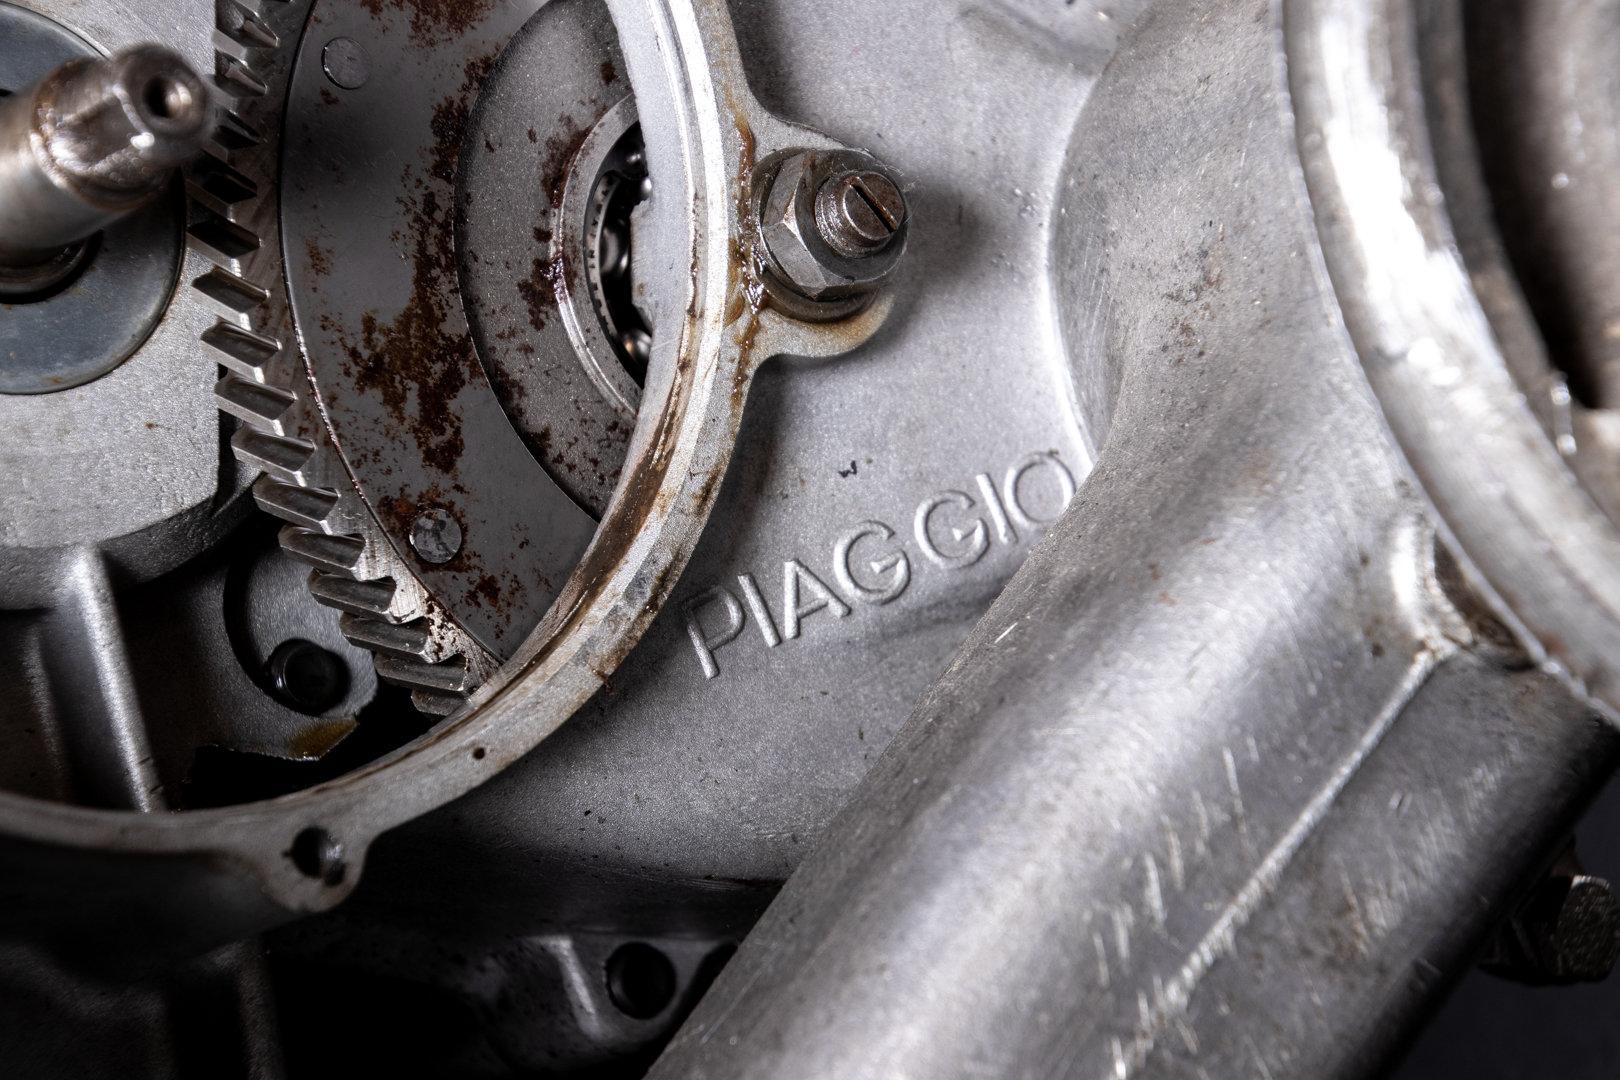 1950 Piaggio Vespa Engine For Sale (picture 4 of 8)